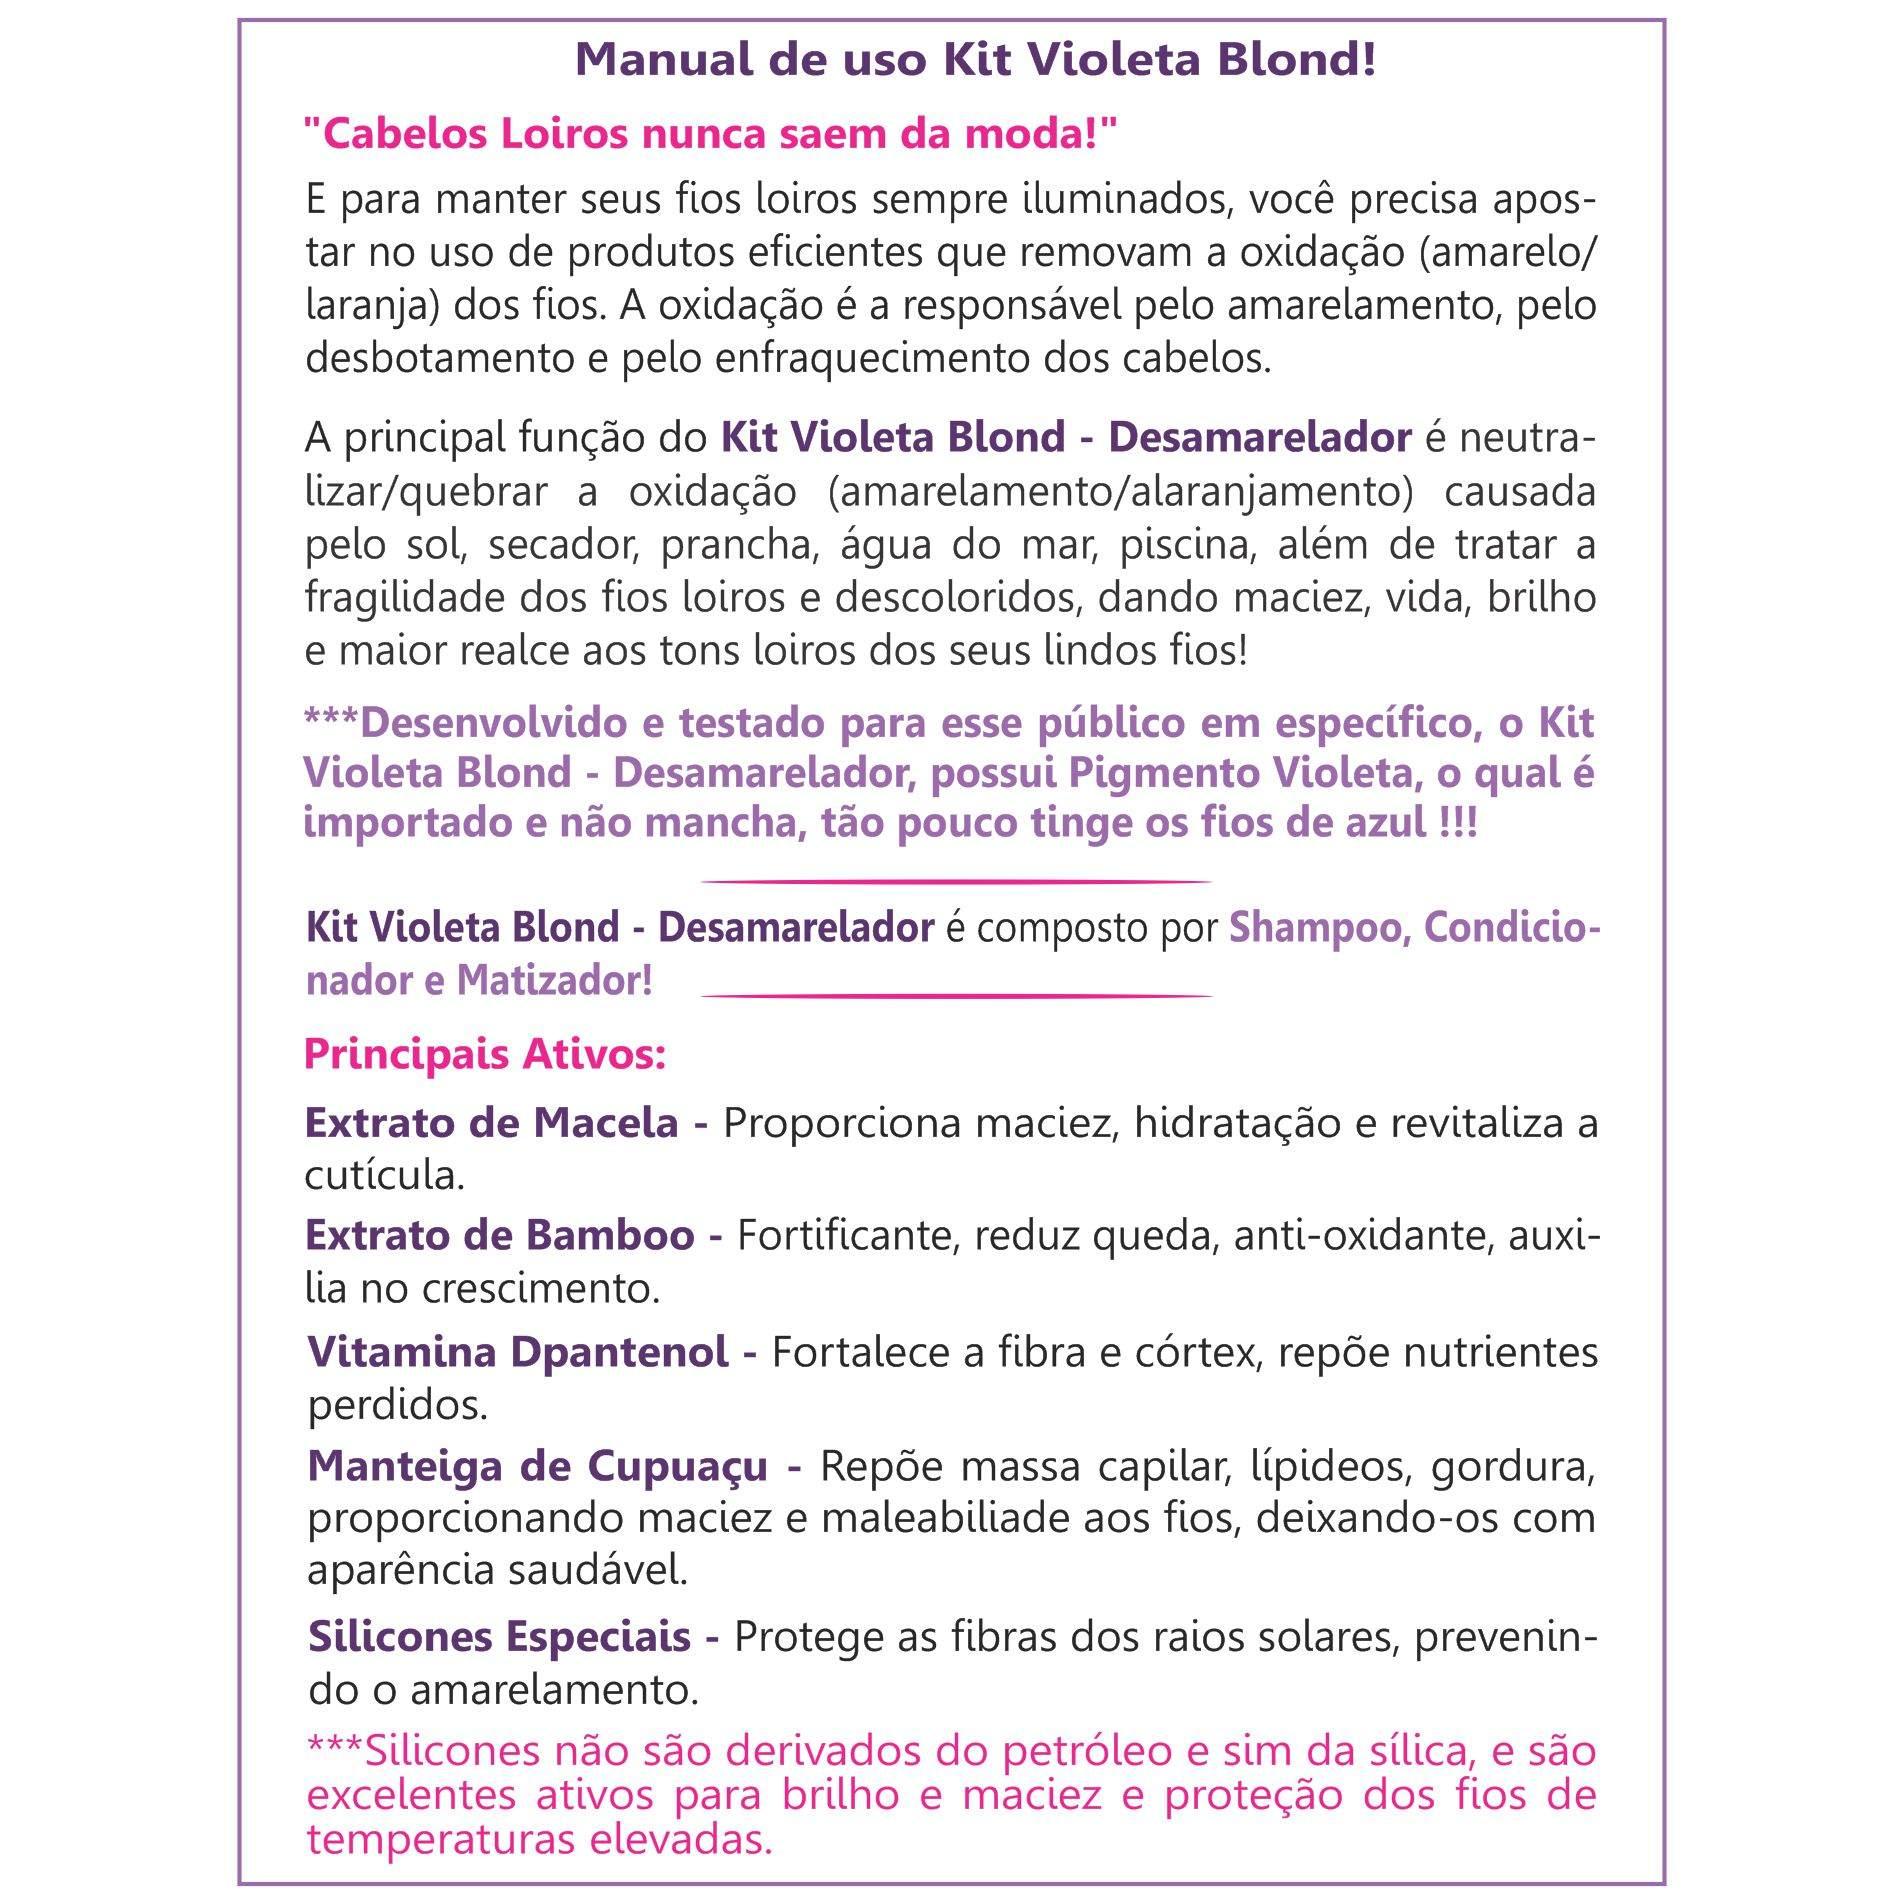 SHAMPOO E CONDICIONADOR VIOLETA DESAMARELADOR - LOIROS, DESCOLORIDOS E COM LUZES